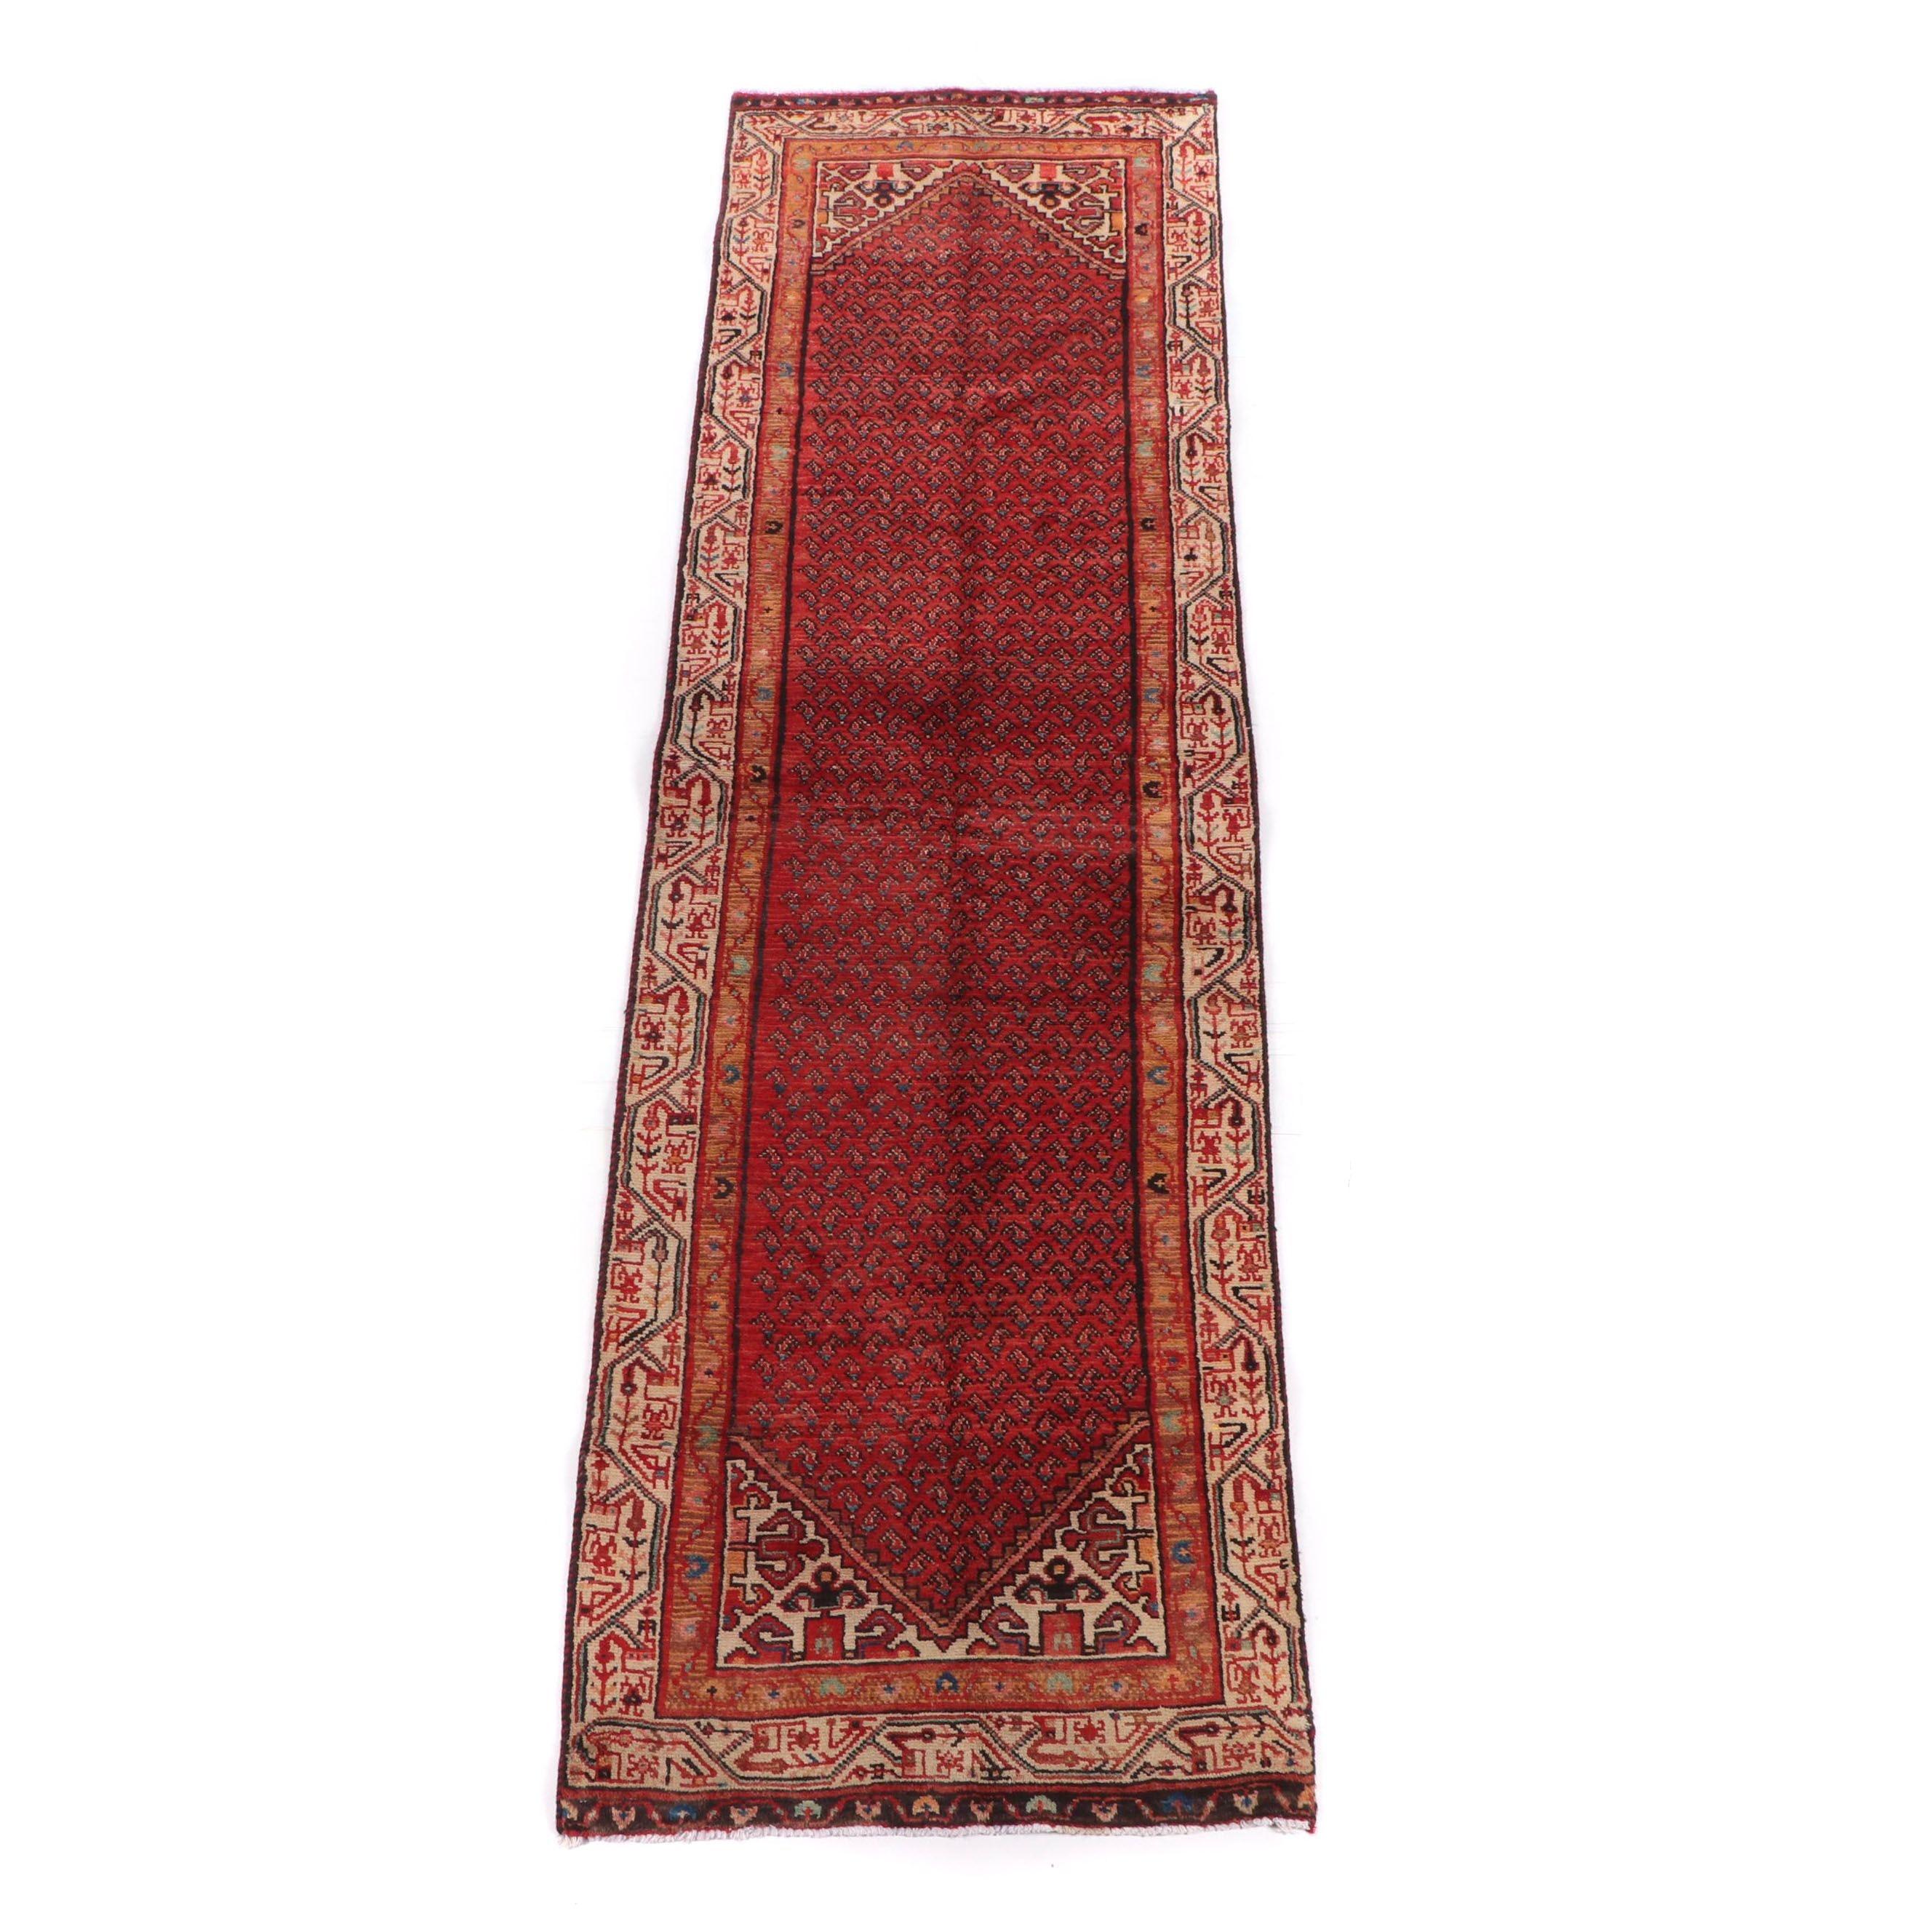 Hand-Knotted Everu Wool Carpet Runner